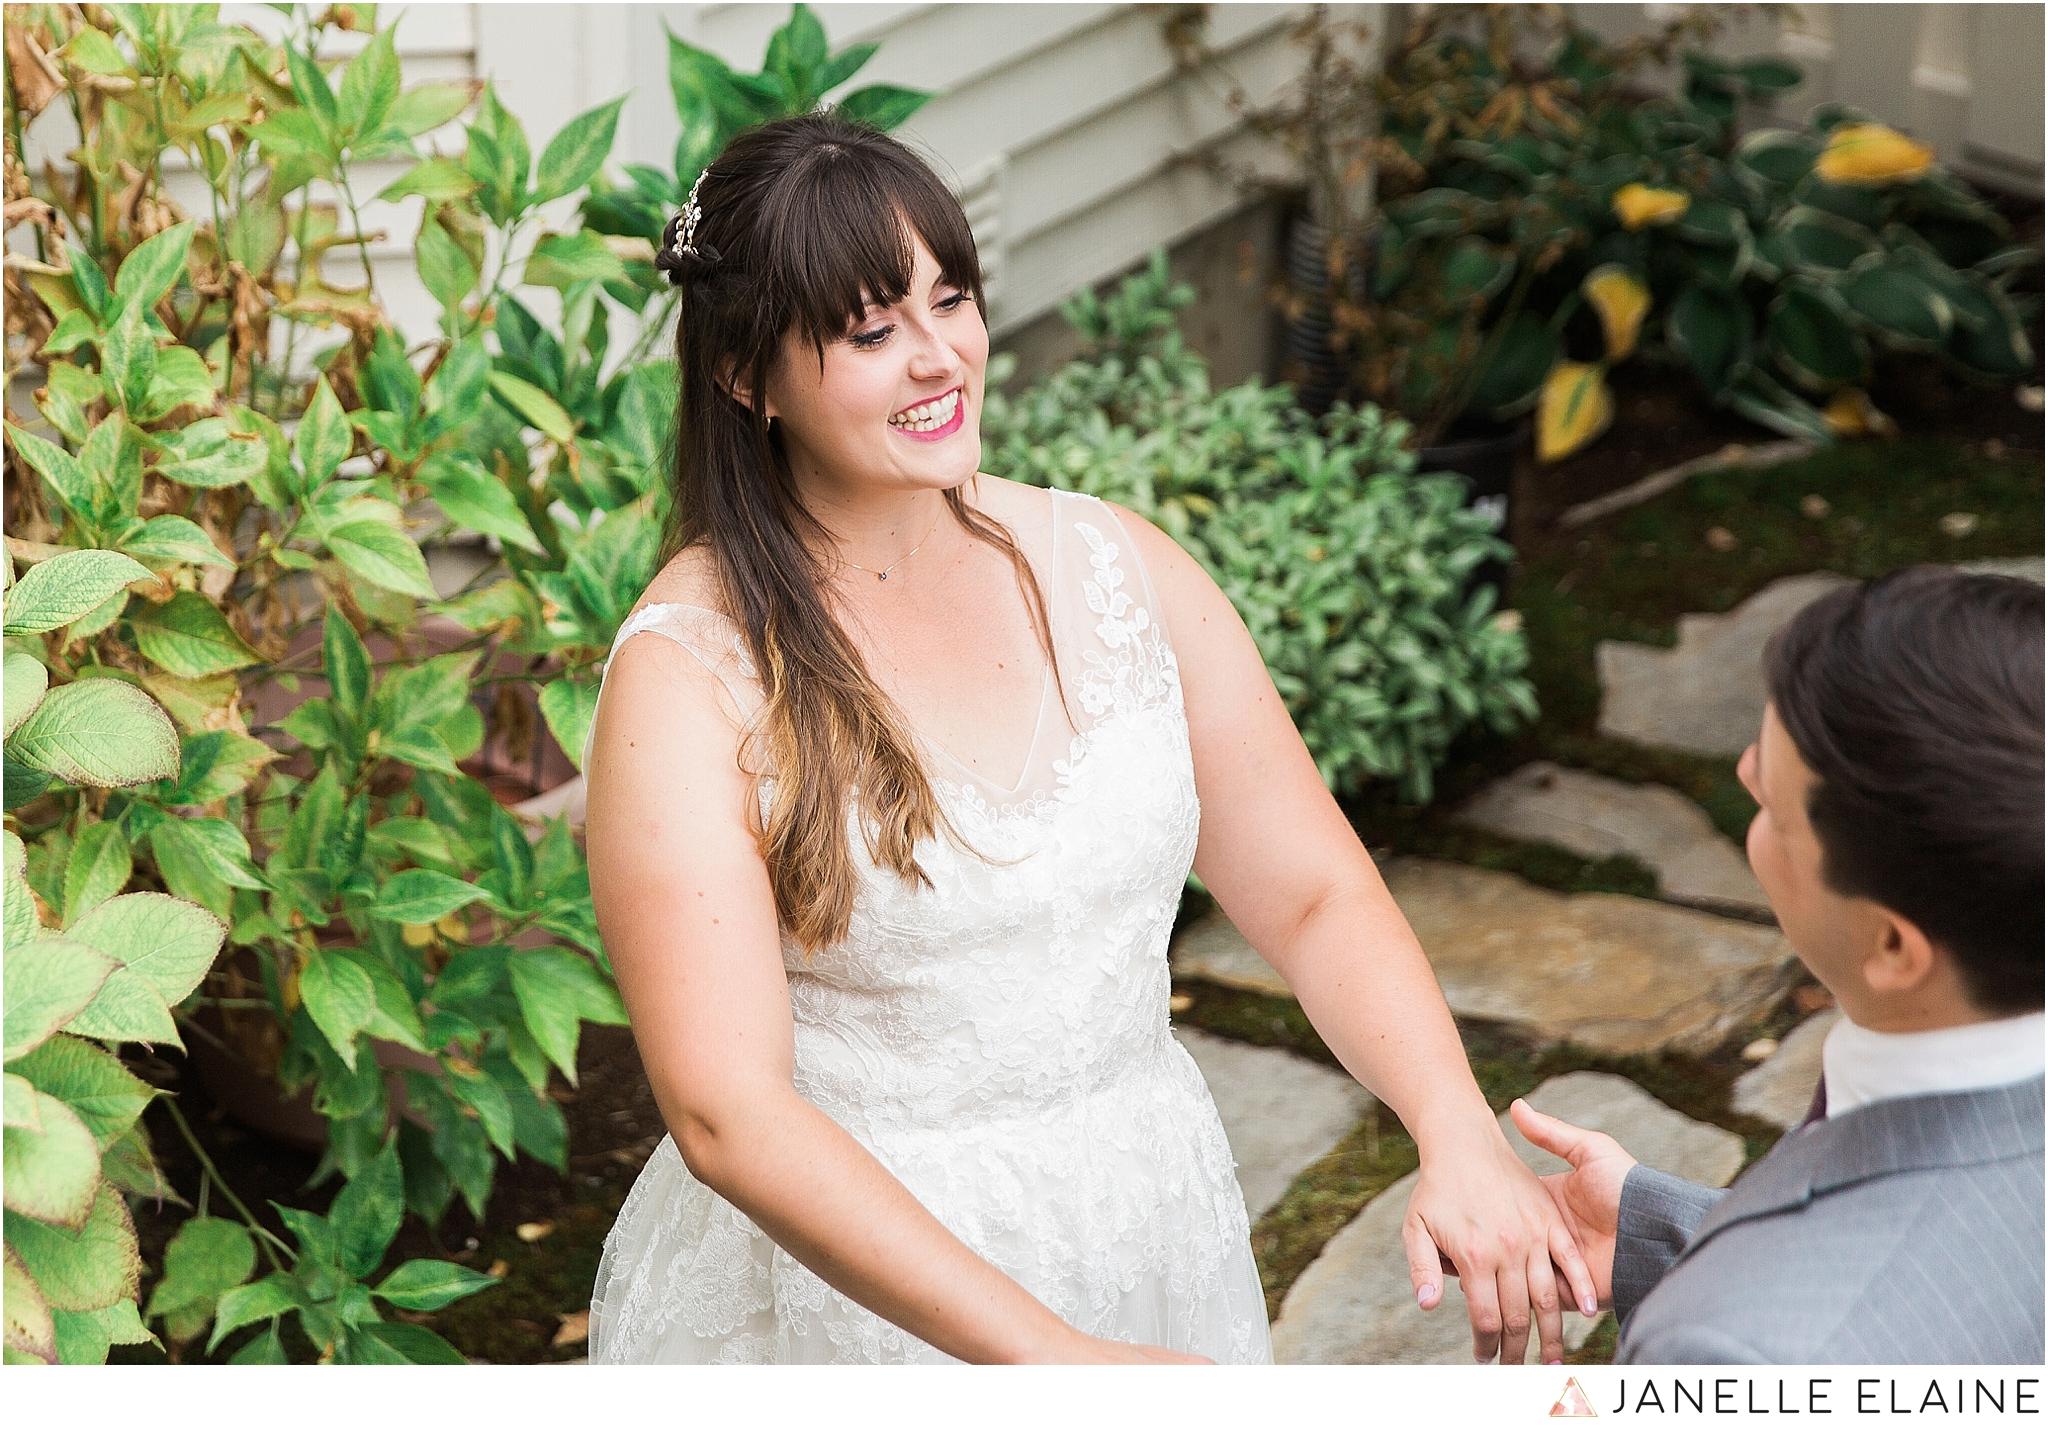 seattle-portrait-engagement-wedding-photographer-janelle-elaine-photography-14.jpg